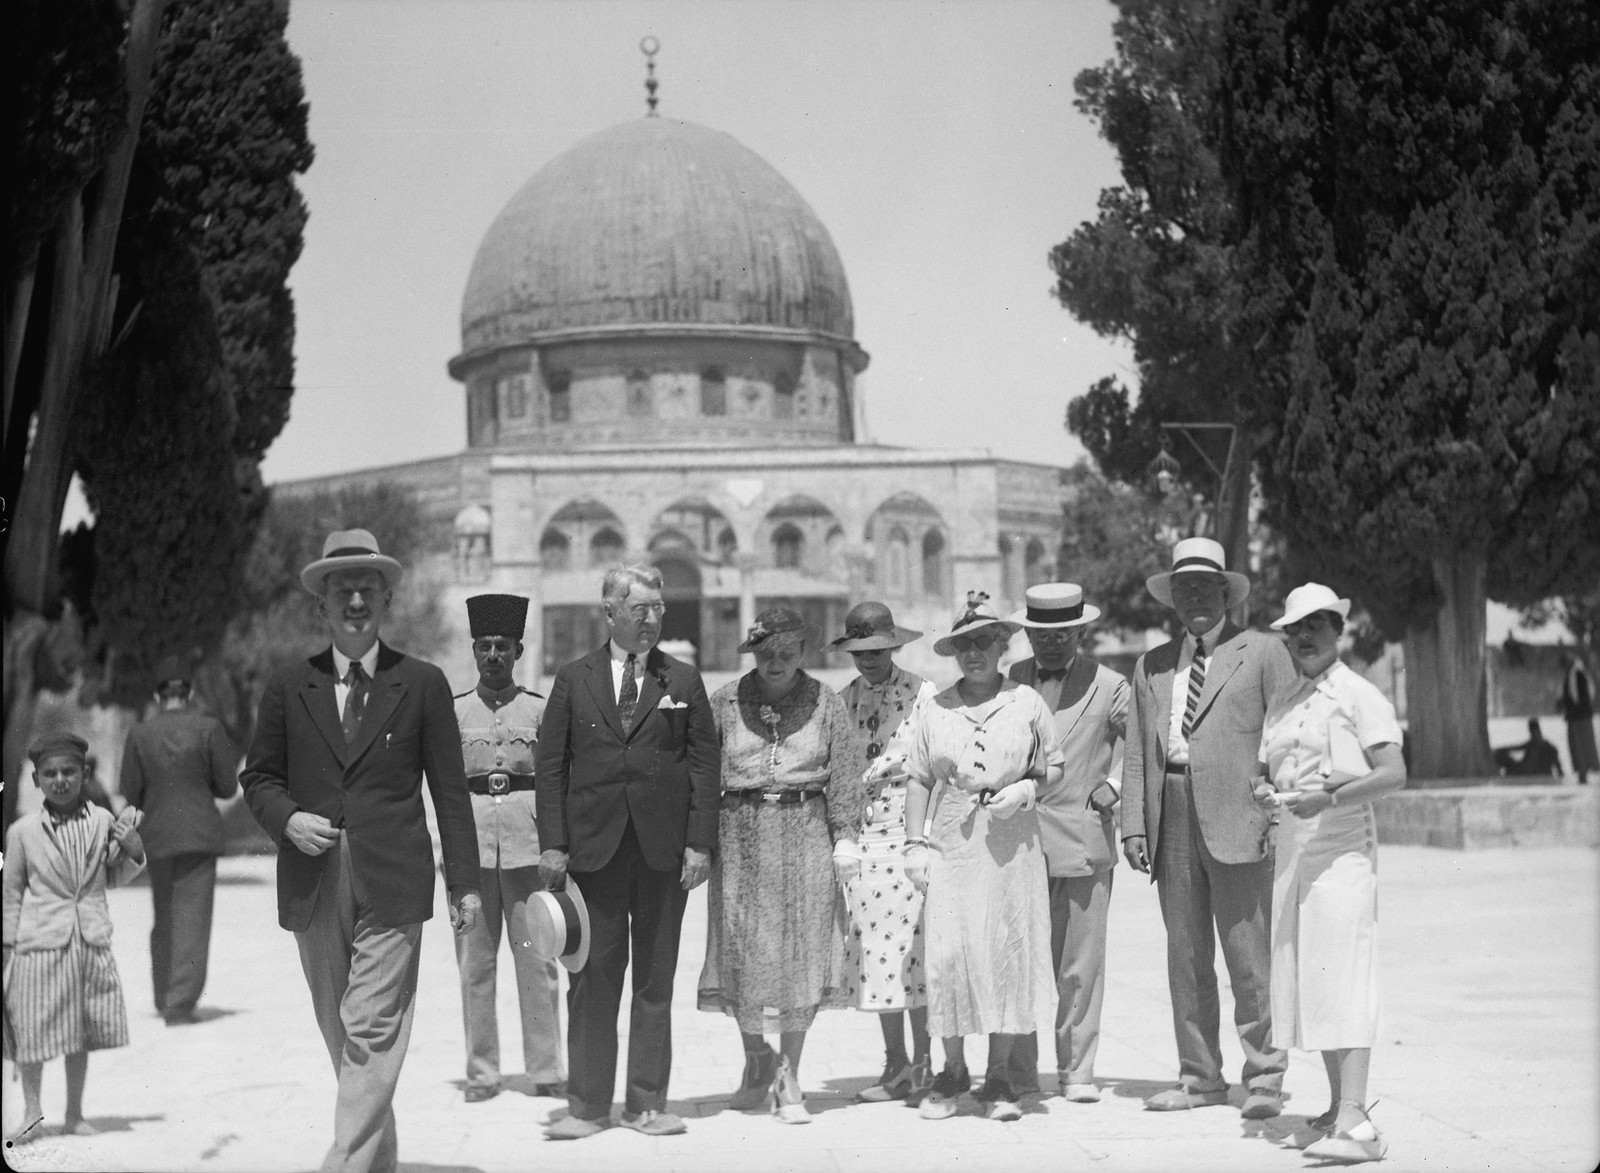 04. Иерусалим. Делегация американских сенаторов и их жен посещает Храмовую гору